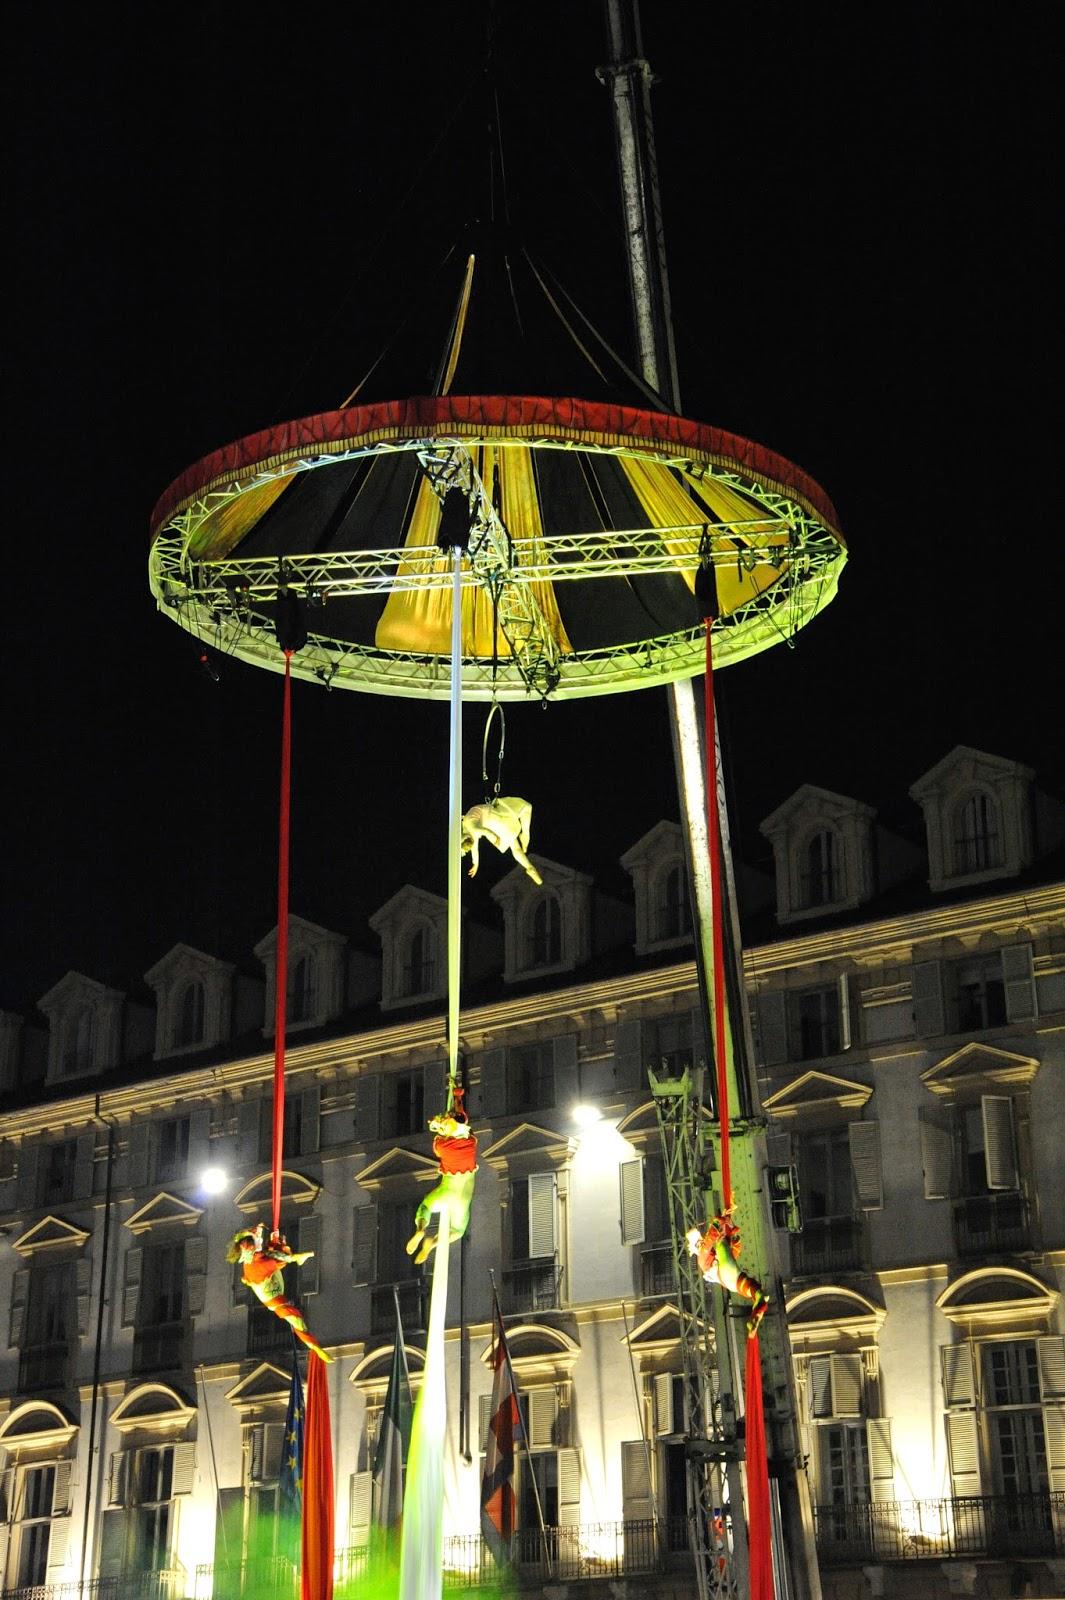 Lo splendore e la magia delle Luci d'Artista a Torino